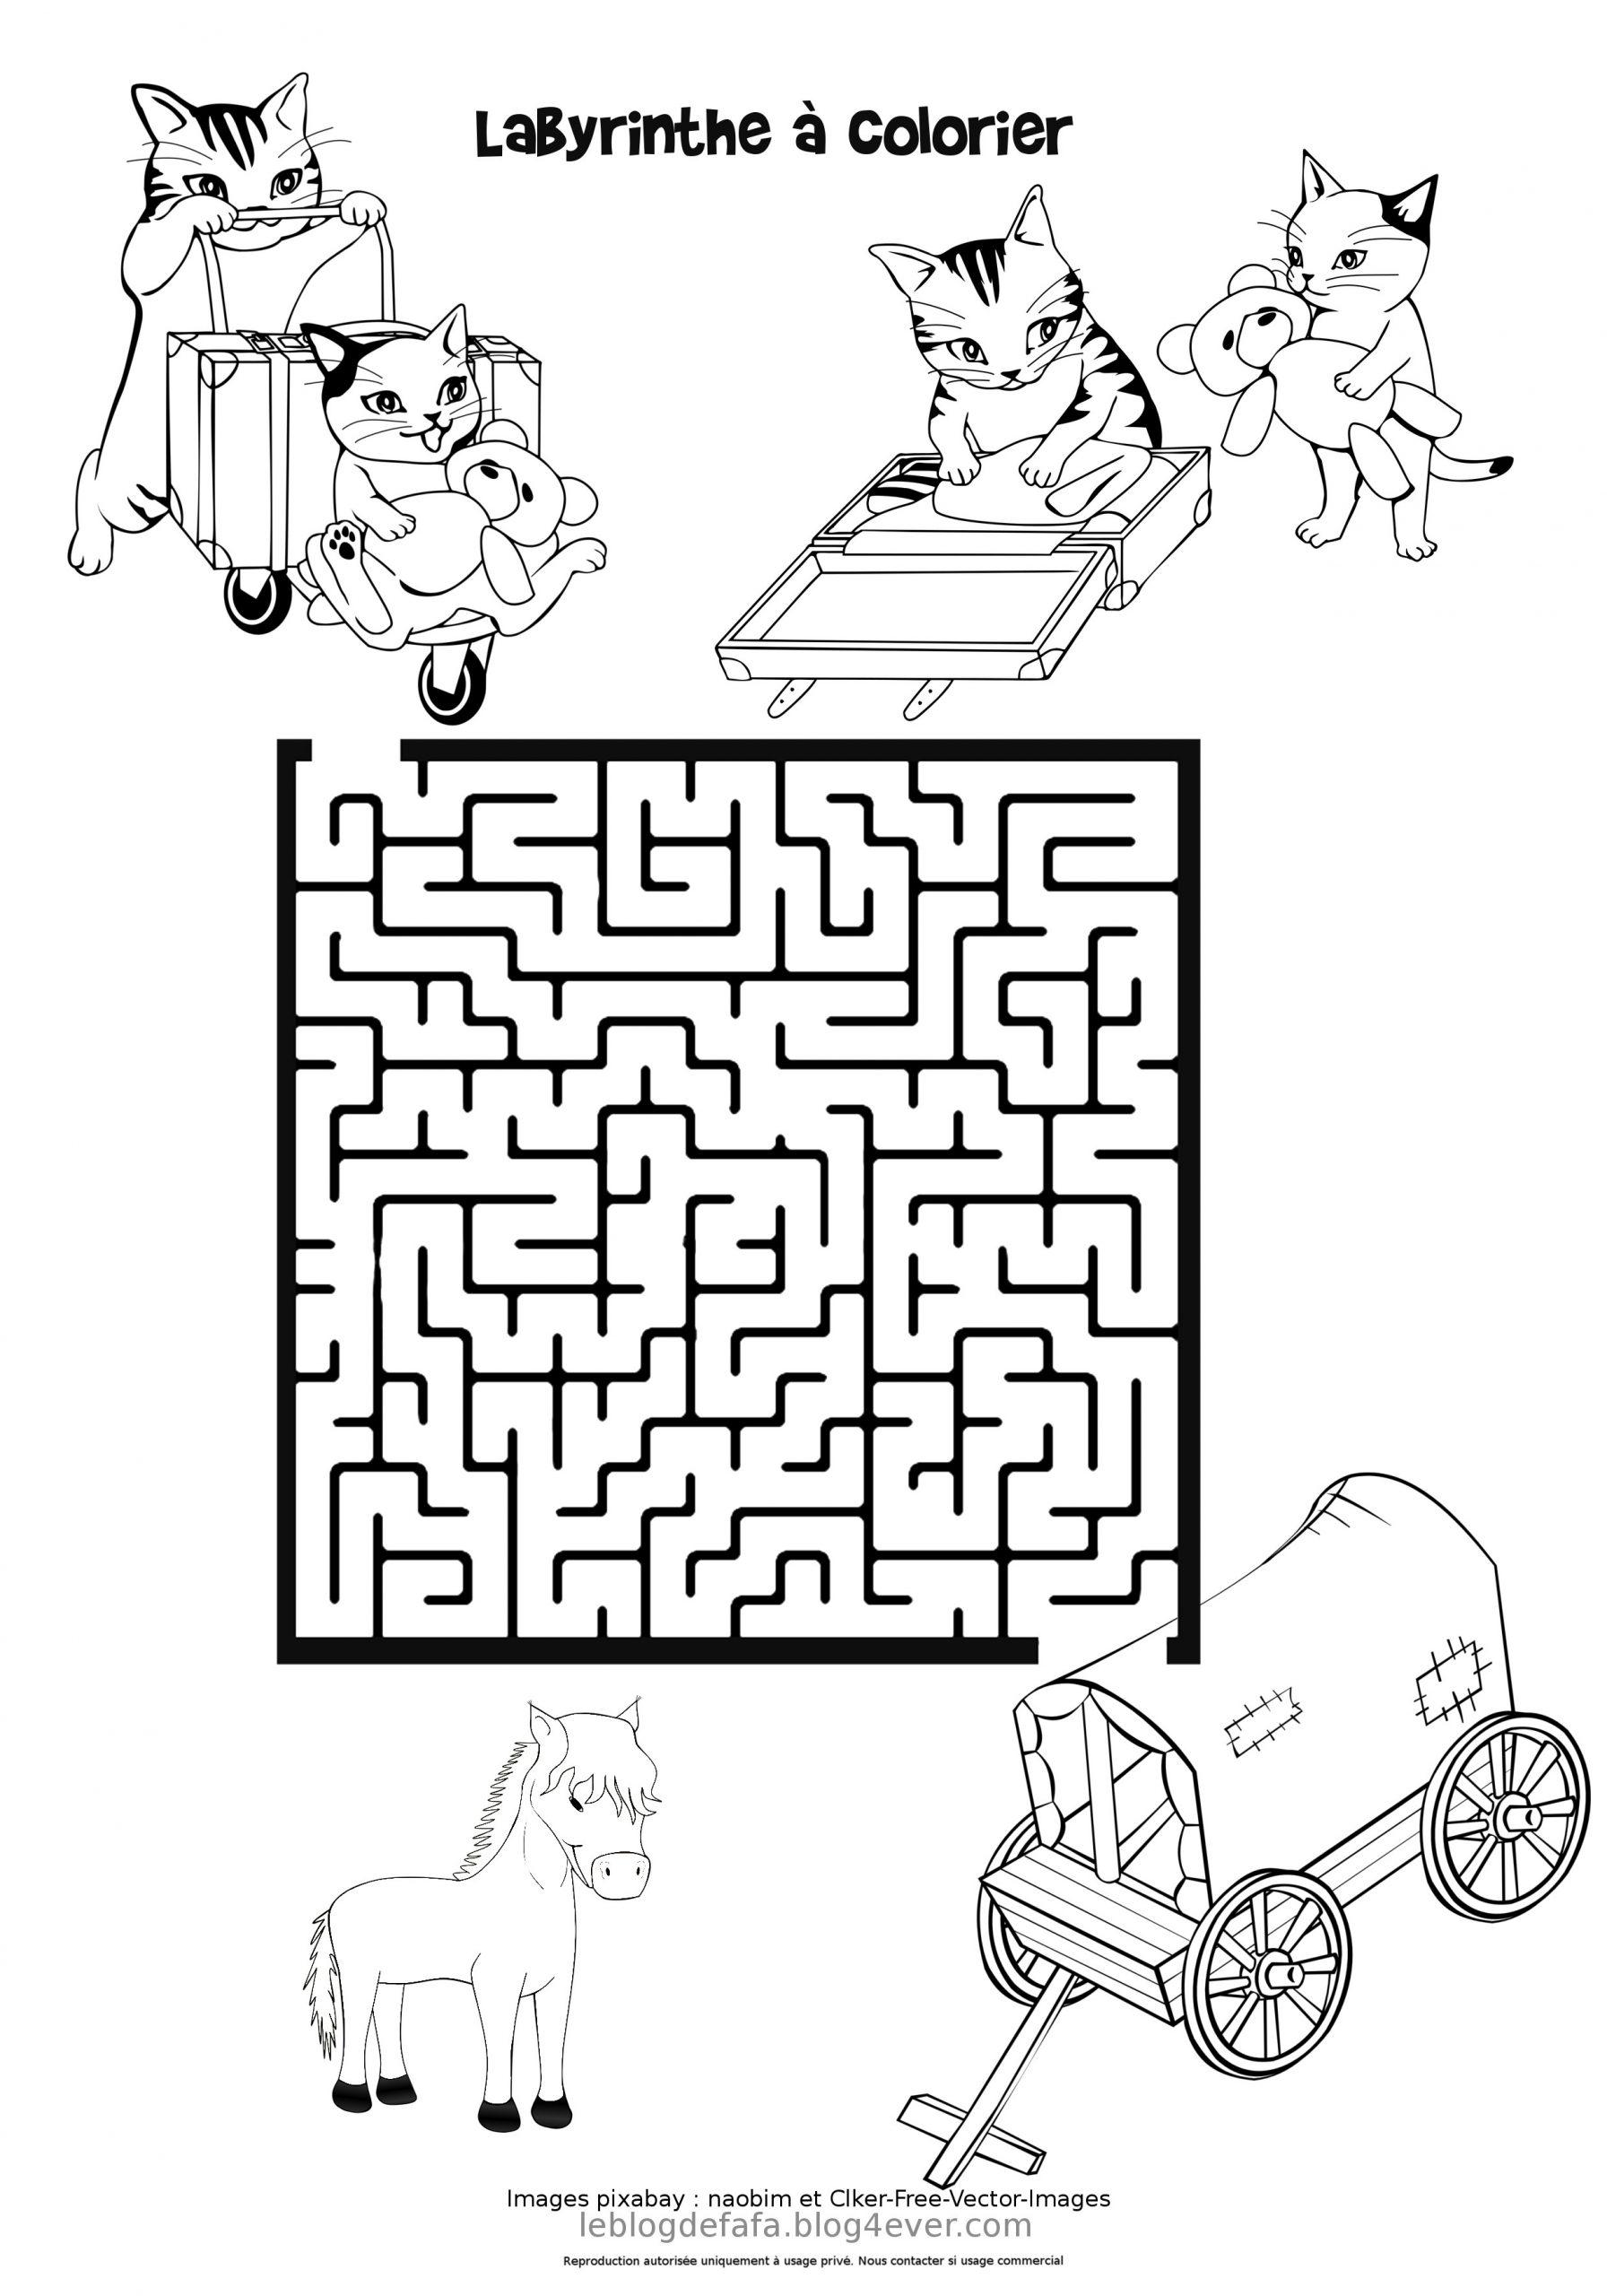 Jeux Chevaux Gratuits À Imprimer : Labyrinthes, Apprendre À dedans Jeux A Relier